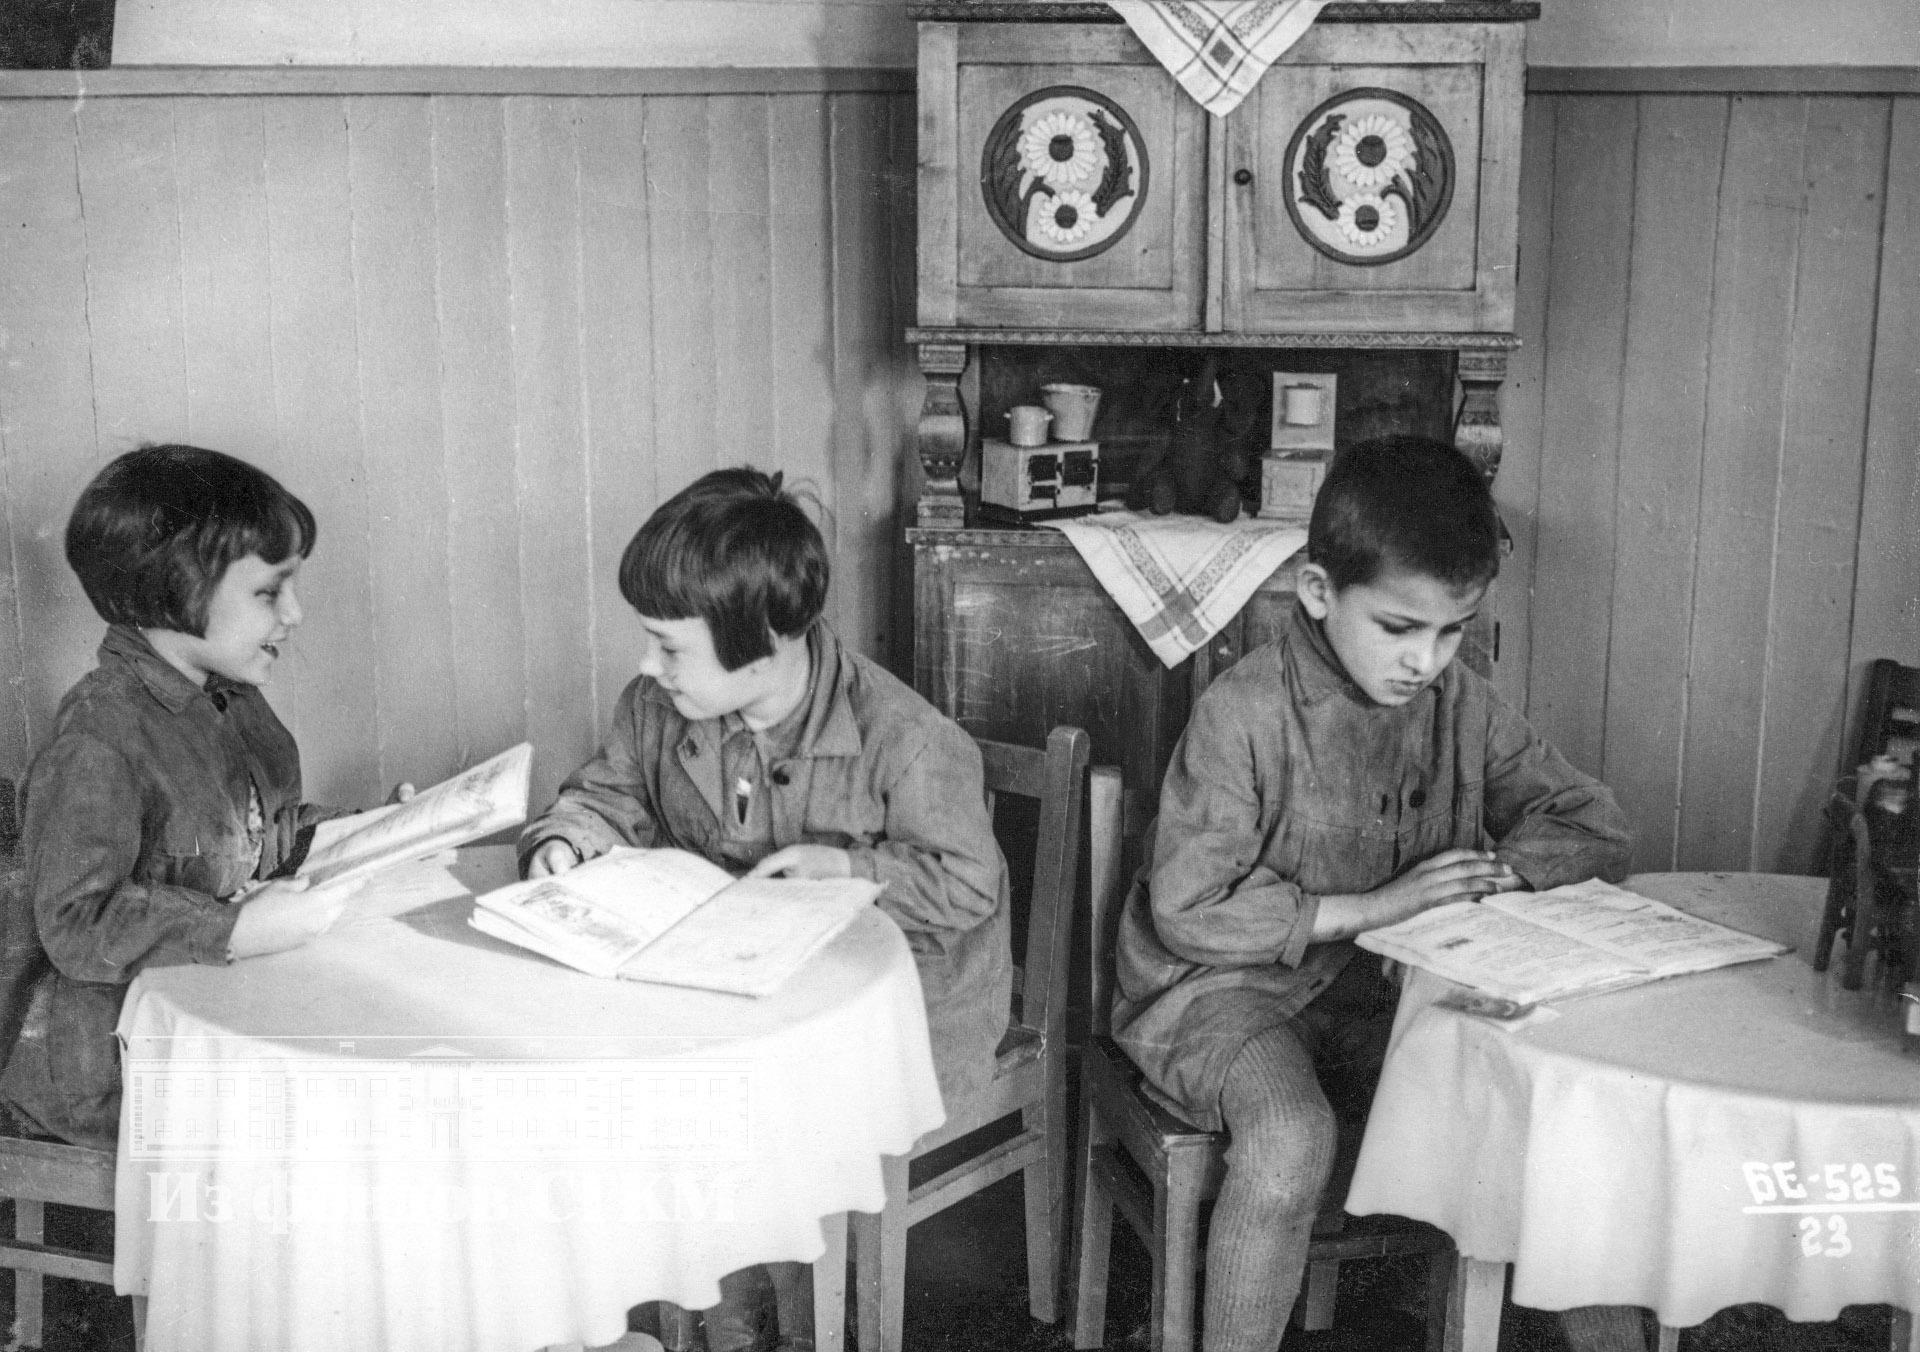 1940. Детский сад строительства. Старшая группа, чтение сказок.